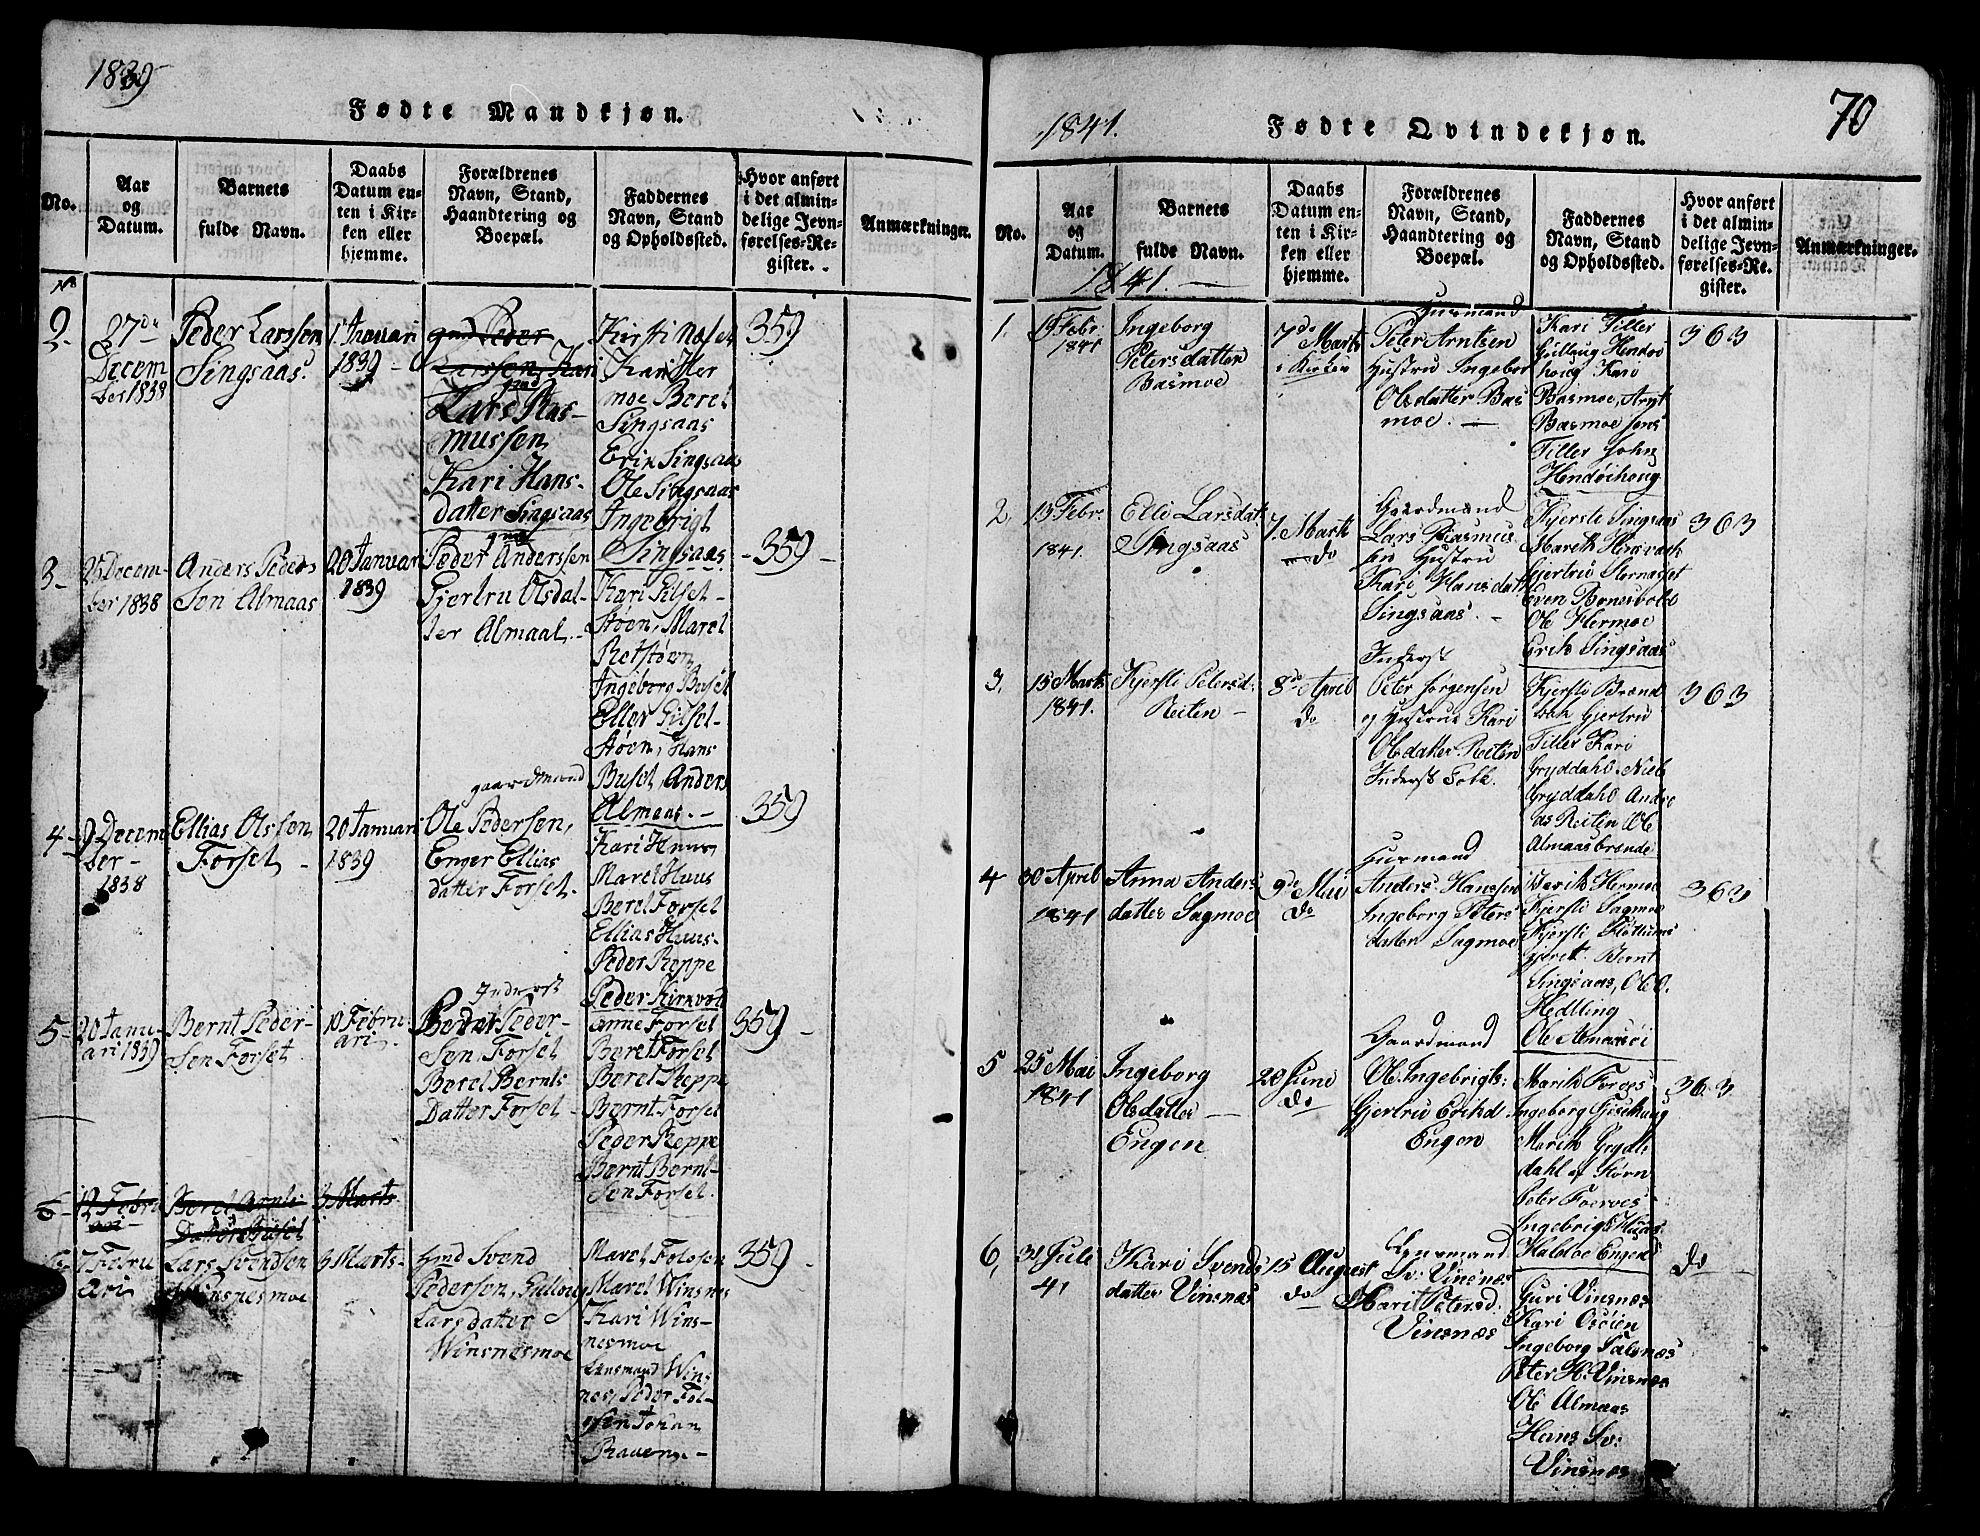 SAT, Ministerialprotokoller, klokkerbøker og fødselsregistre - Sør-Trøndelag, 688/L1026: Klokkerbok nr. 688C01, 1817-1860, s. 70